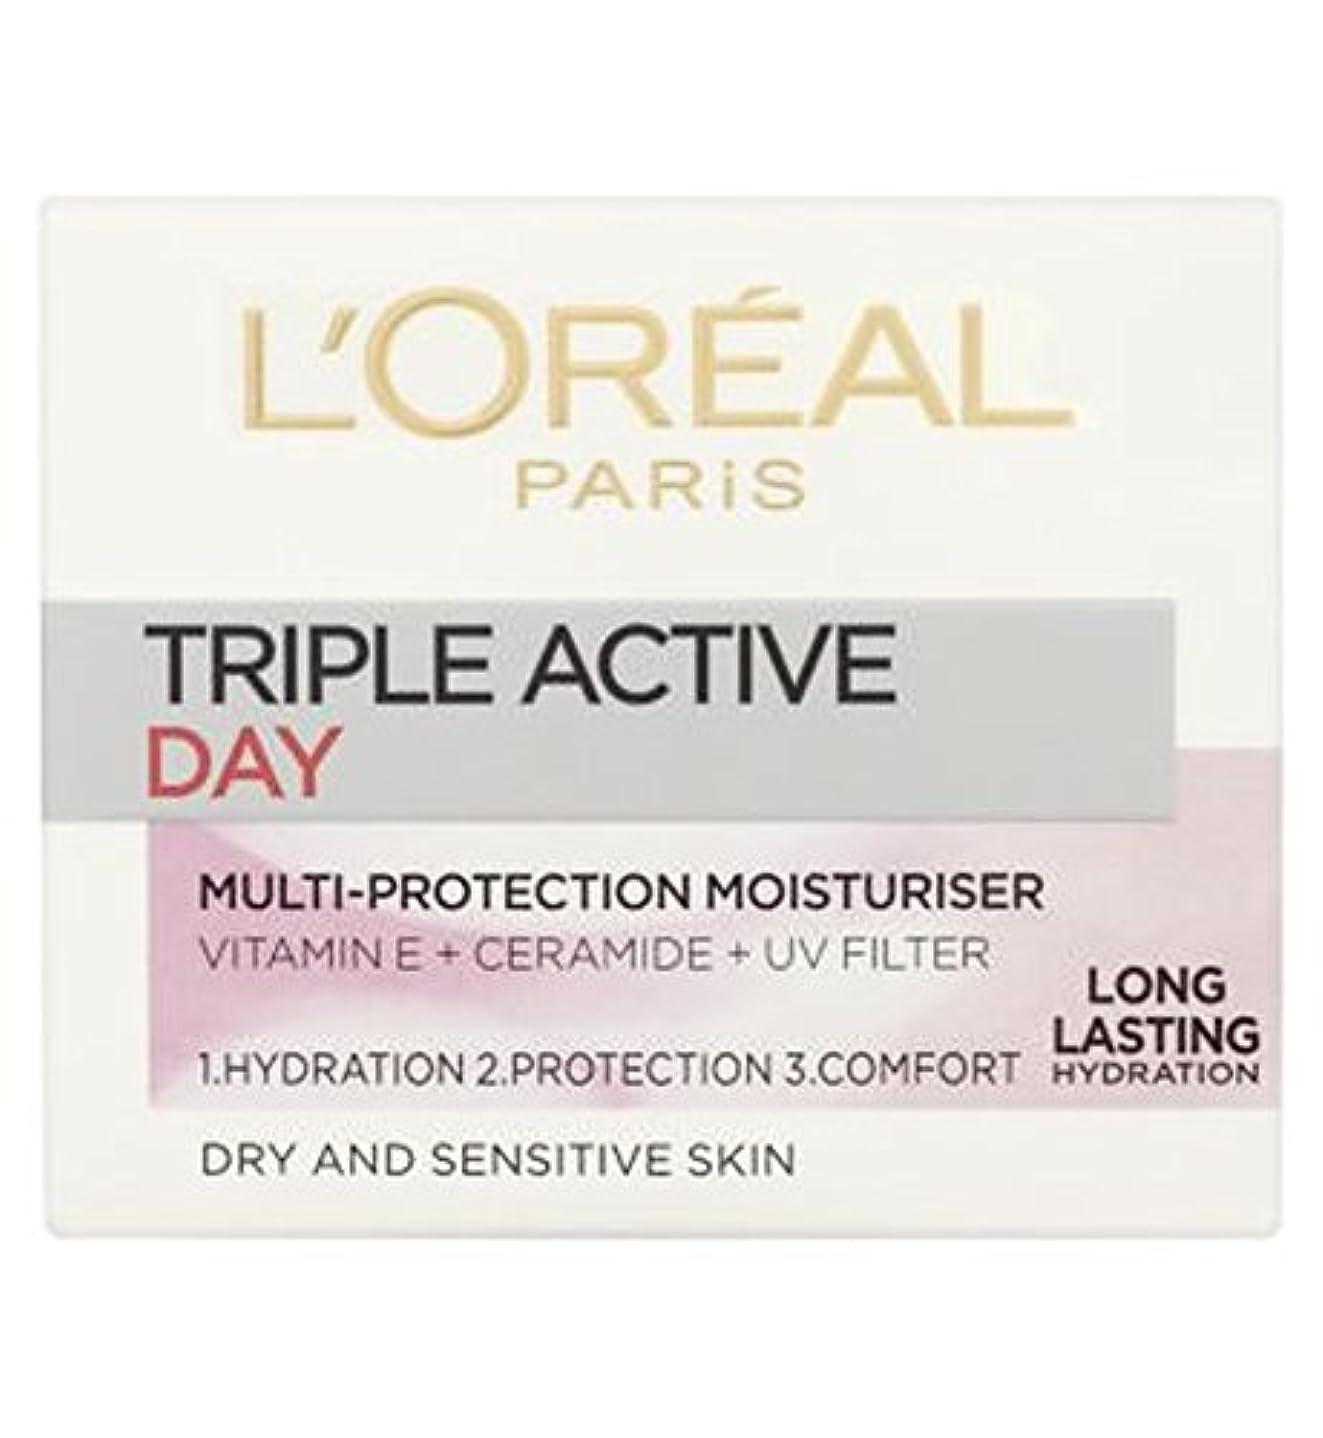 操る船形クリスマスL'Oreallパリトリプルアクティブな一日のマルチ保護保湿乾燥肌や敏感肌の50ミリリットル (L'Oreal) (x2) - L'Oreall Paris Triple Active Day Multi Protection Moisturiser Dry and Sensitive Skin 50ml (Pack of 2) [並行輸入品]